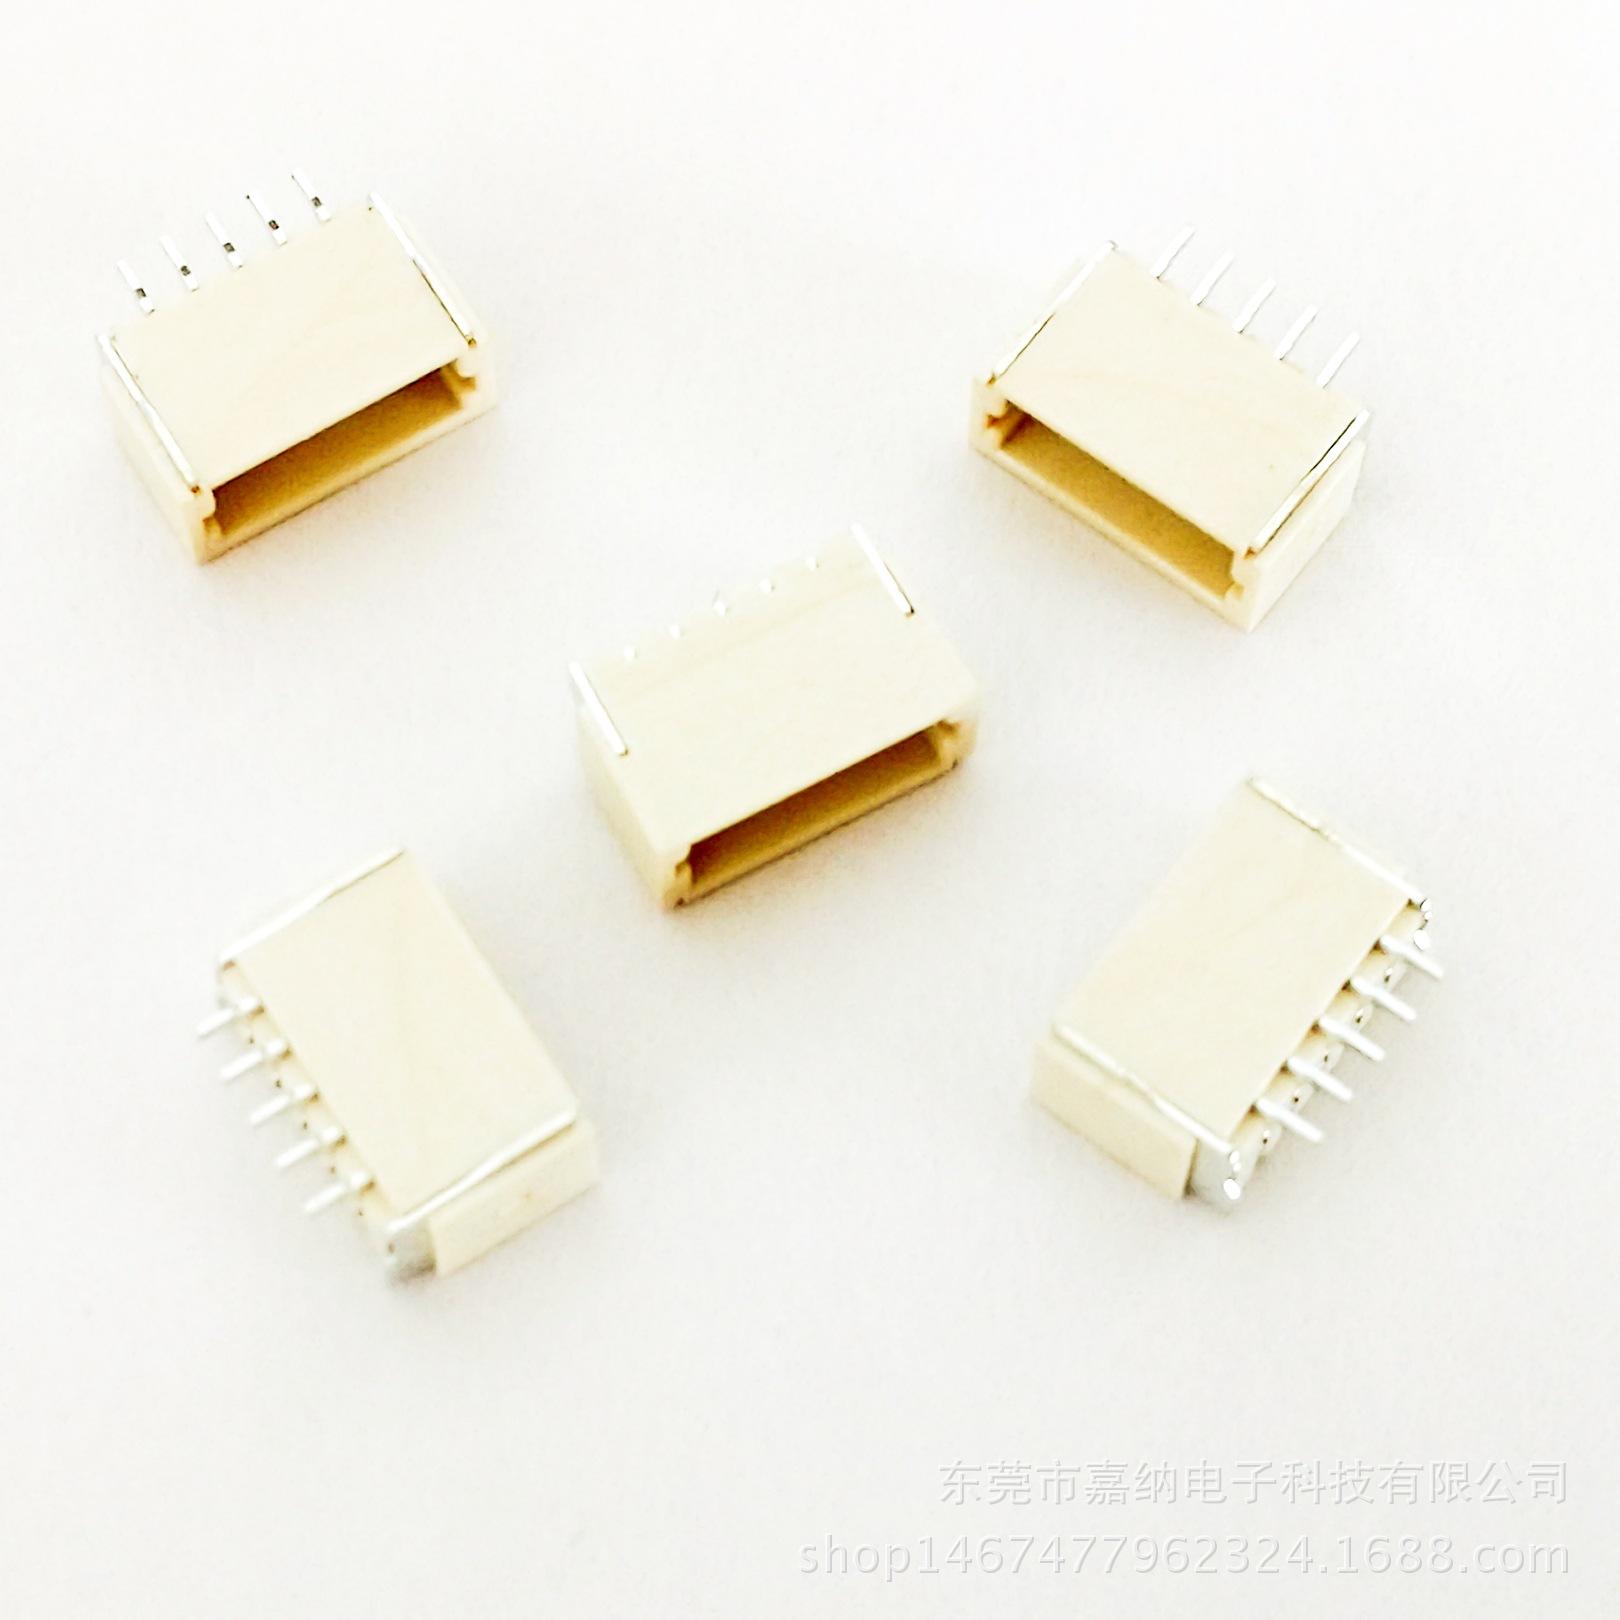 针座条形连接器WAFER板对板间距1.0 2